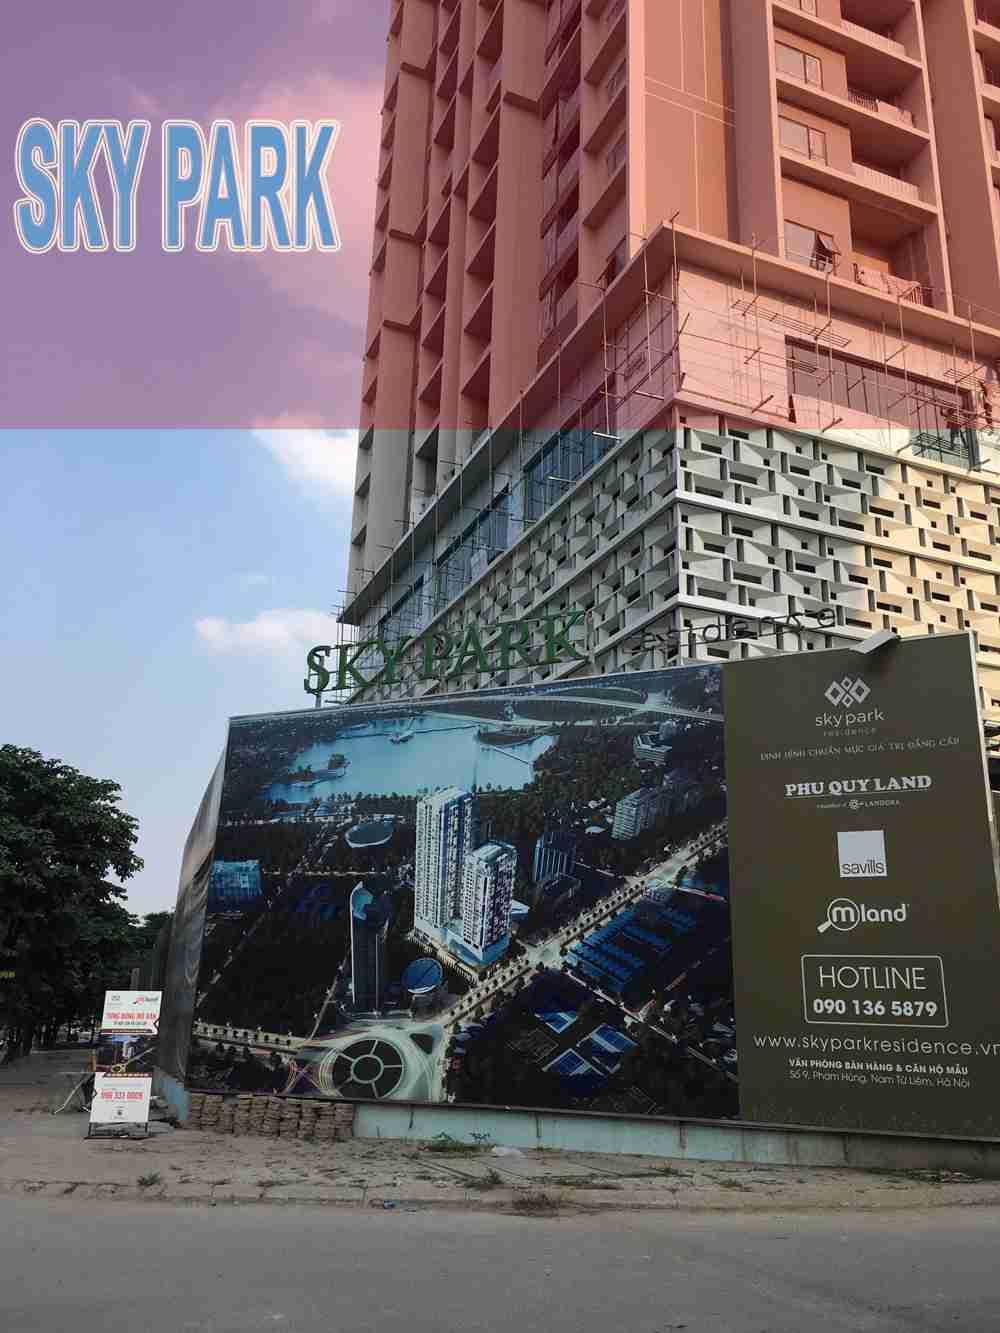 Cung cấp thiết bi truyền hình cáp cho dự án Sky Park